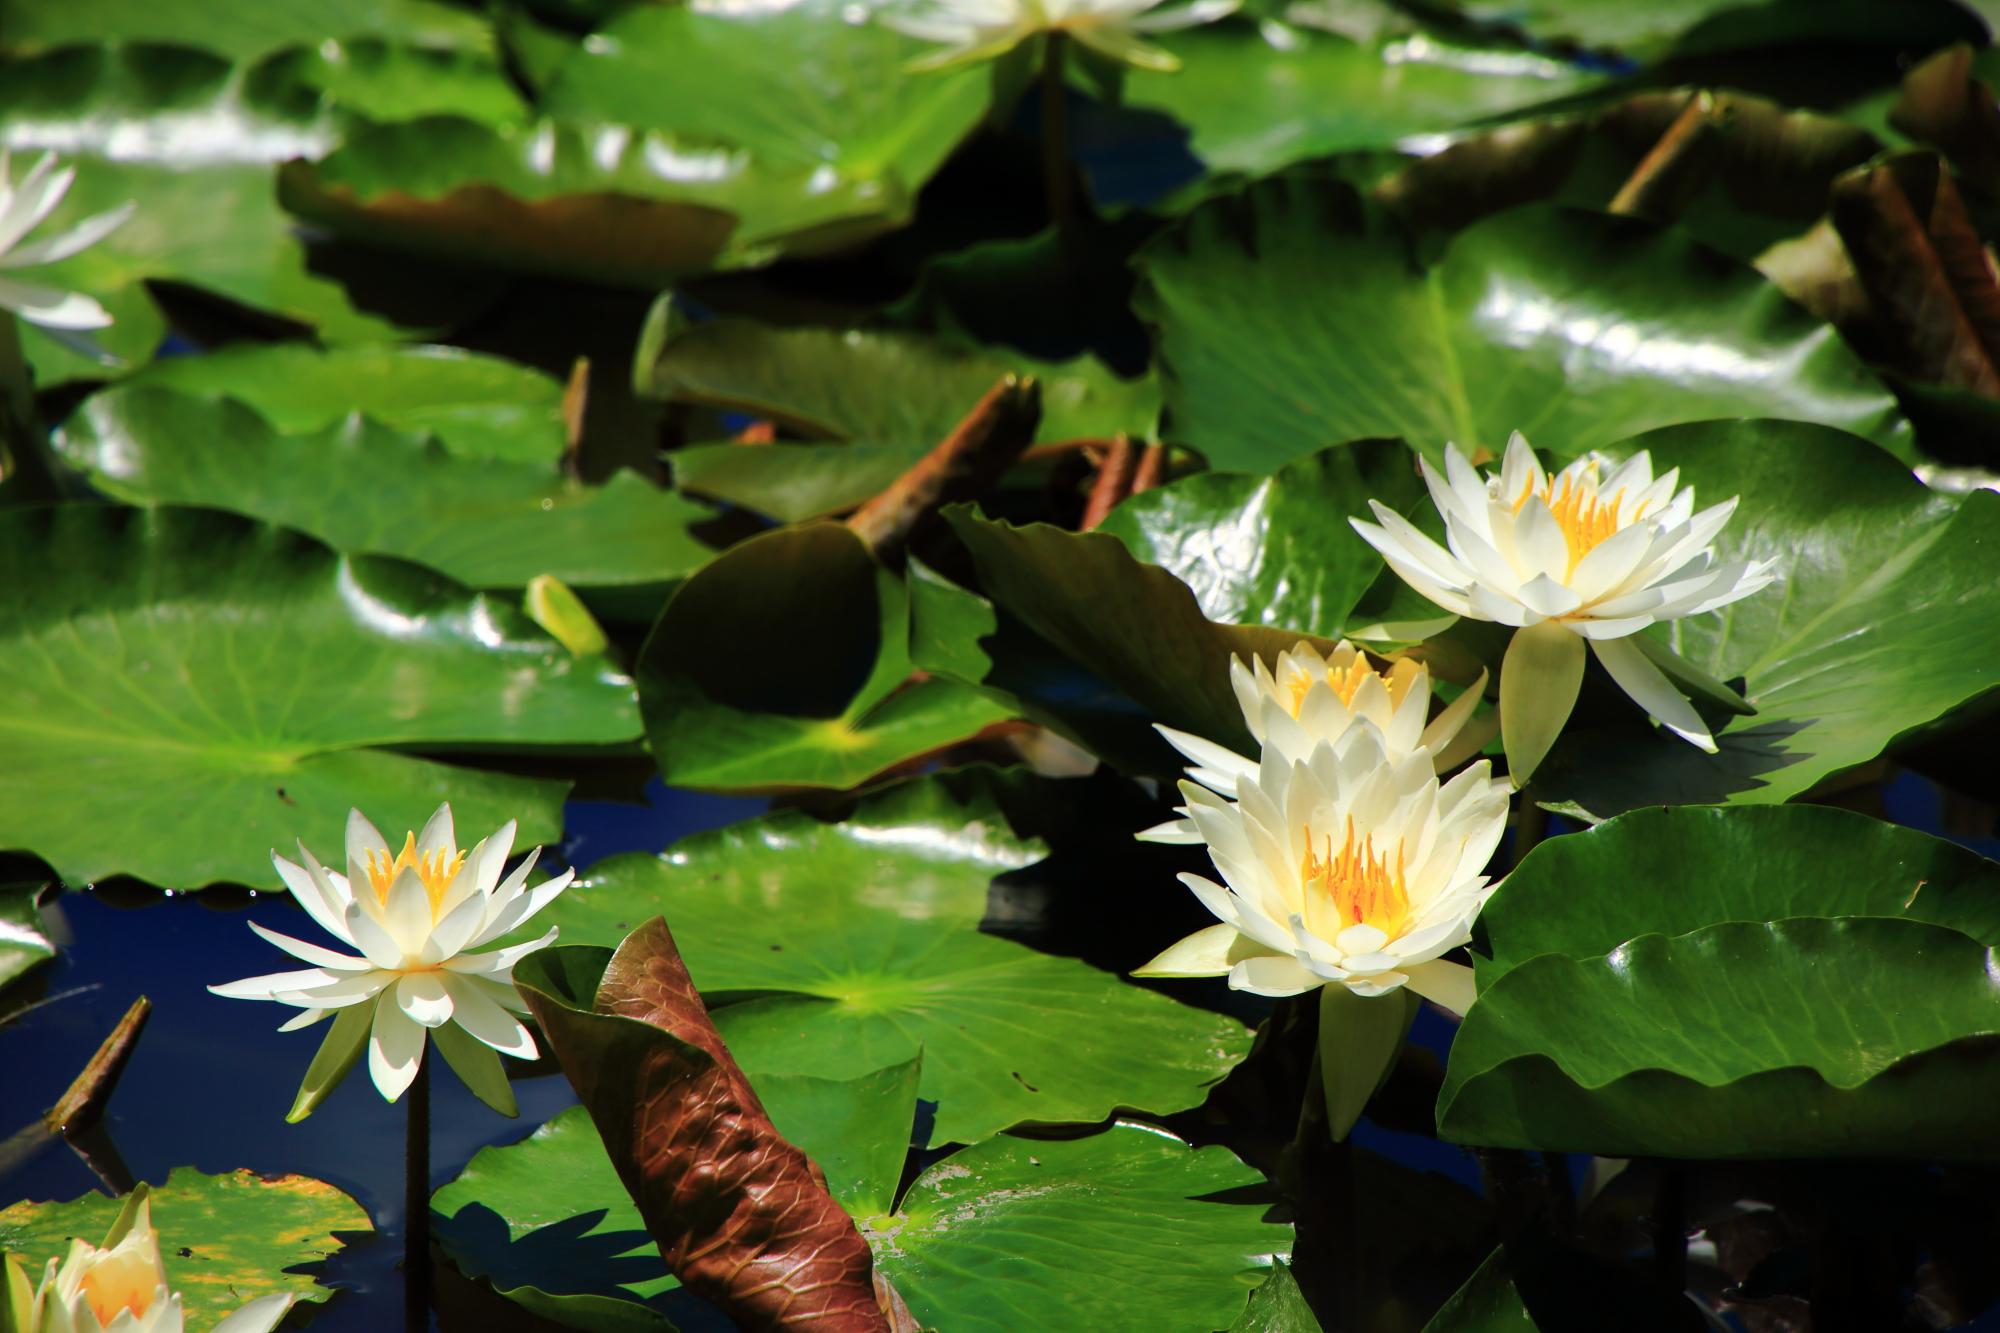 梅宮大社の水辺を華やぐ美しい緑の葉と白い花